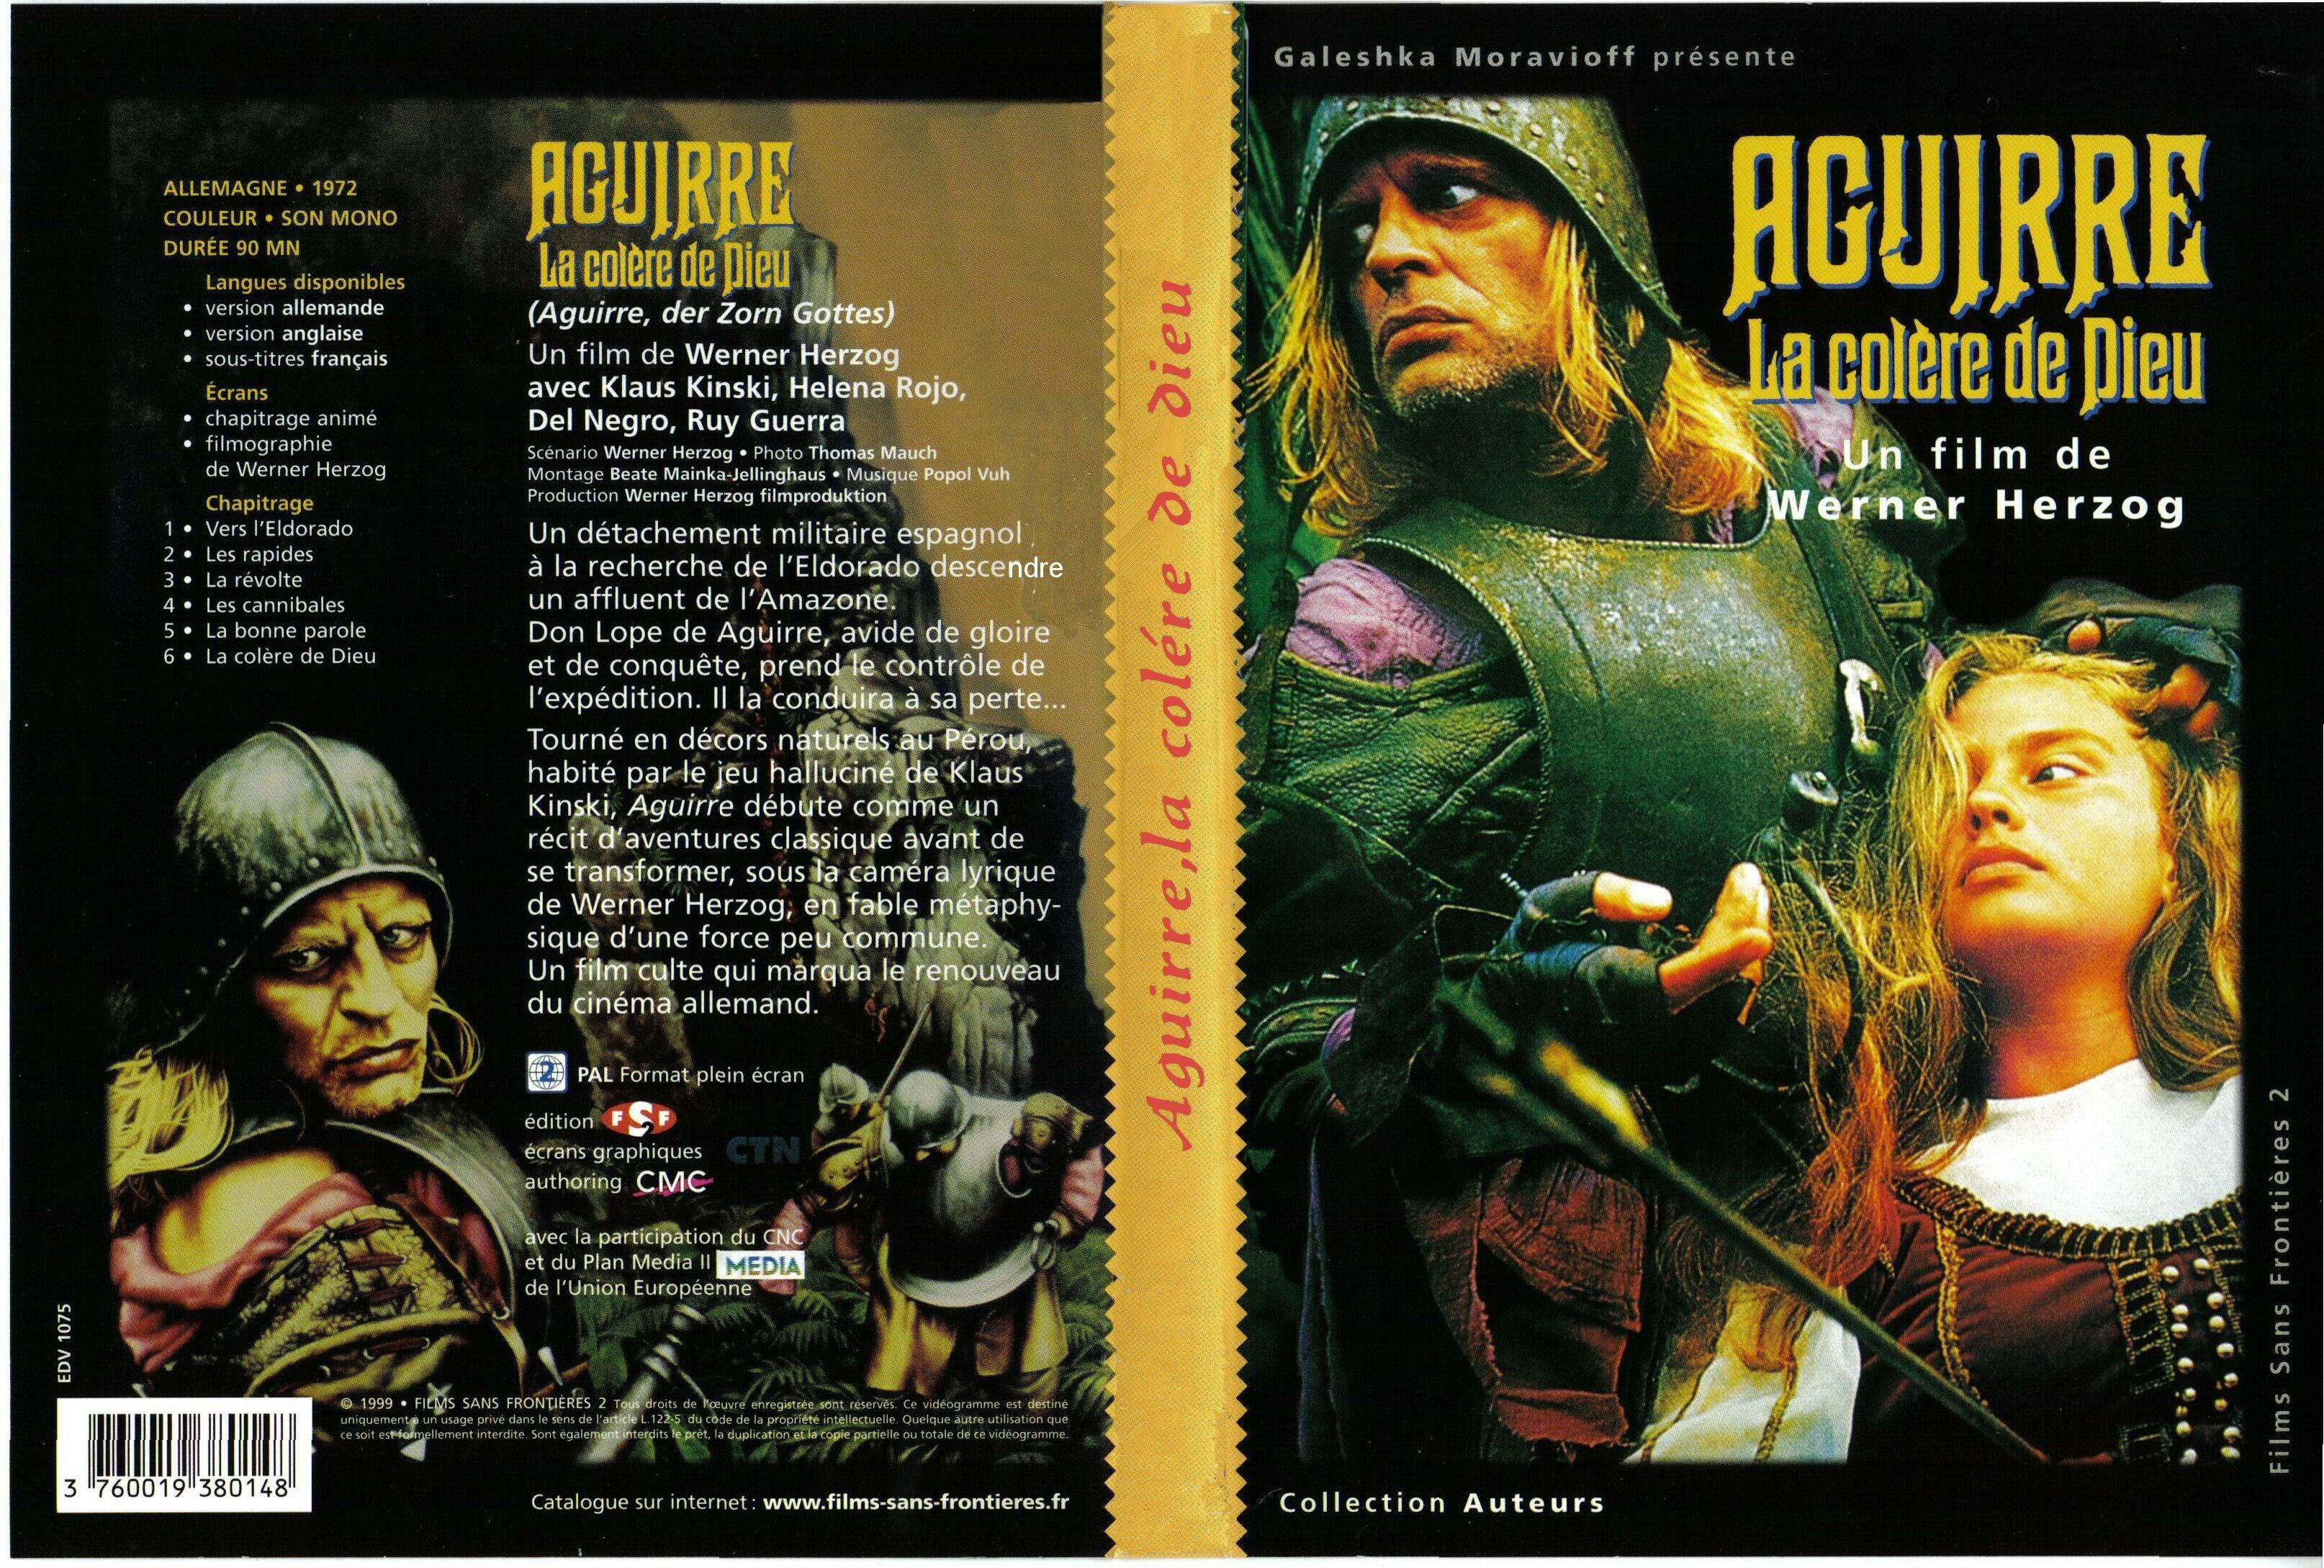 LES FILMS HISTORIQUES - Page 6 Aguirre_la_colere_de_dieu-18095525052007